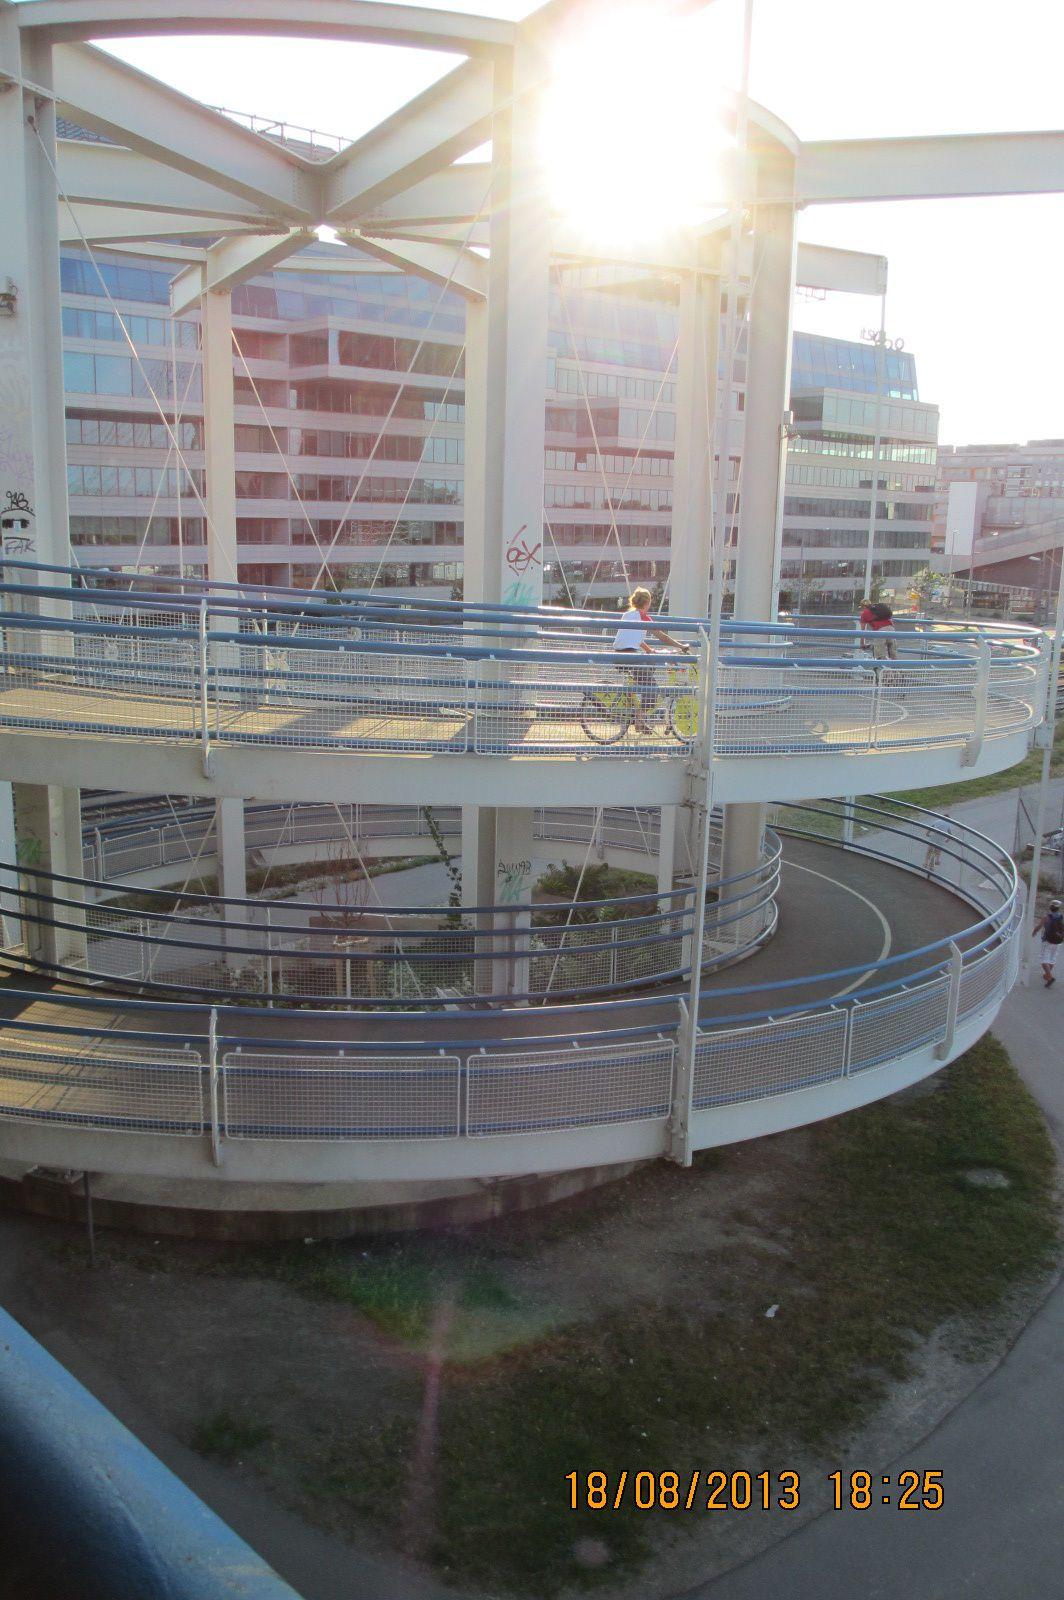 VIenne avec des aménagements cyclables de qualité le long du Danube (Eurovélo6)